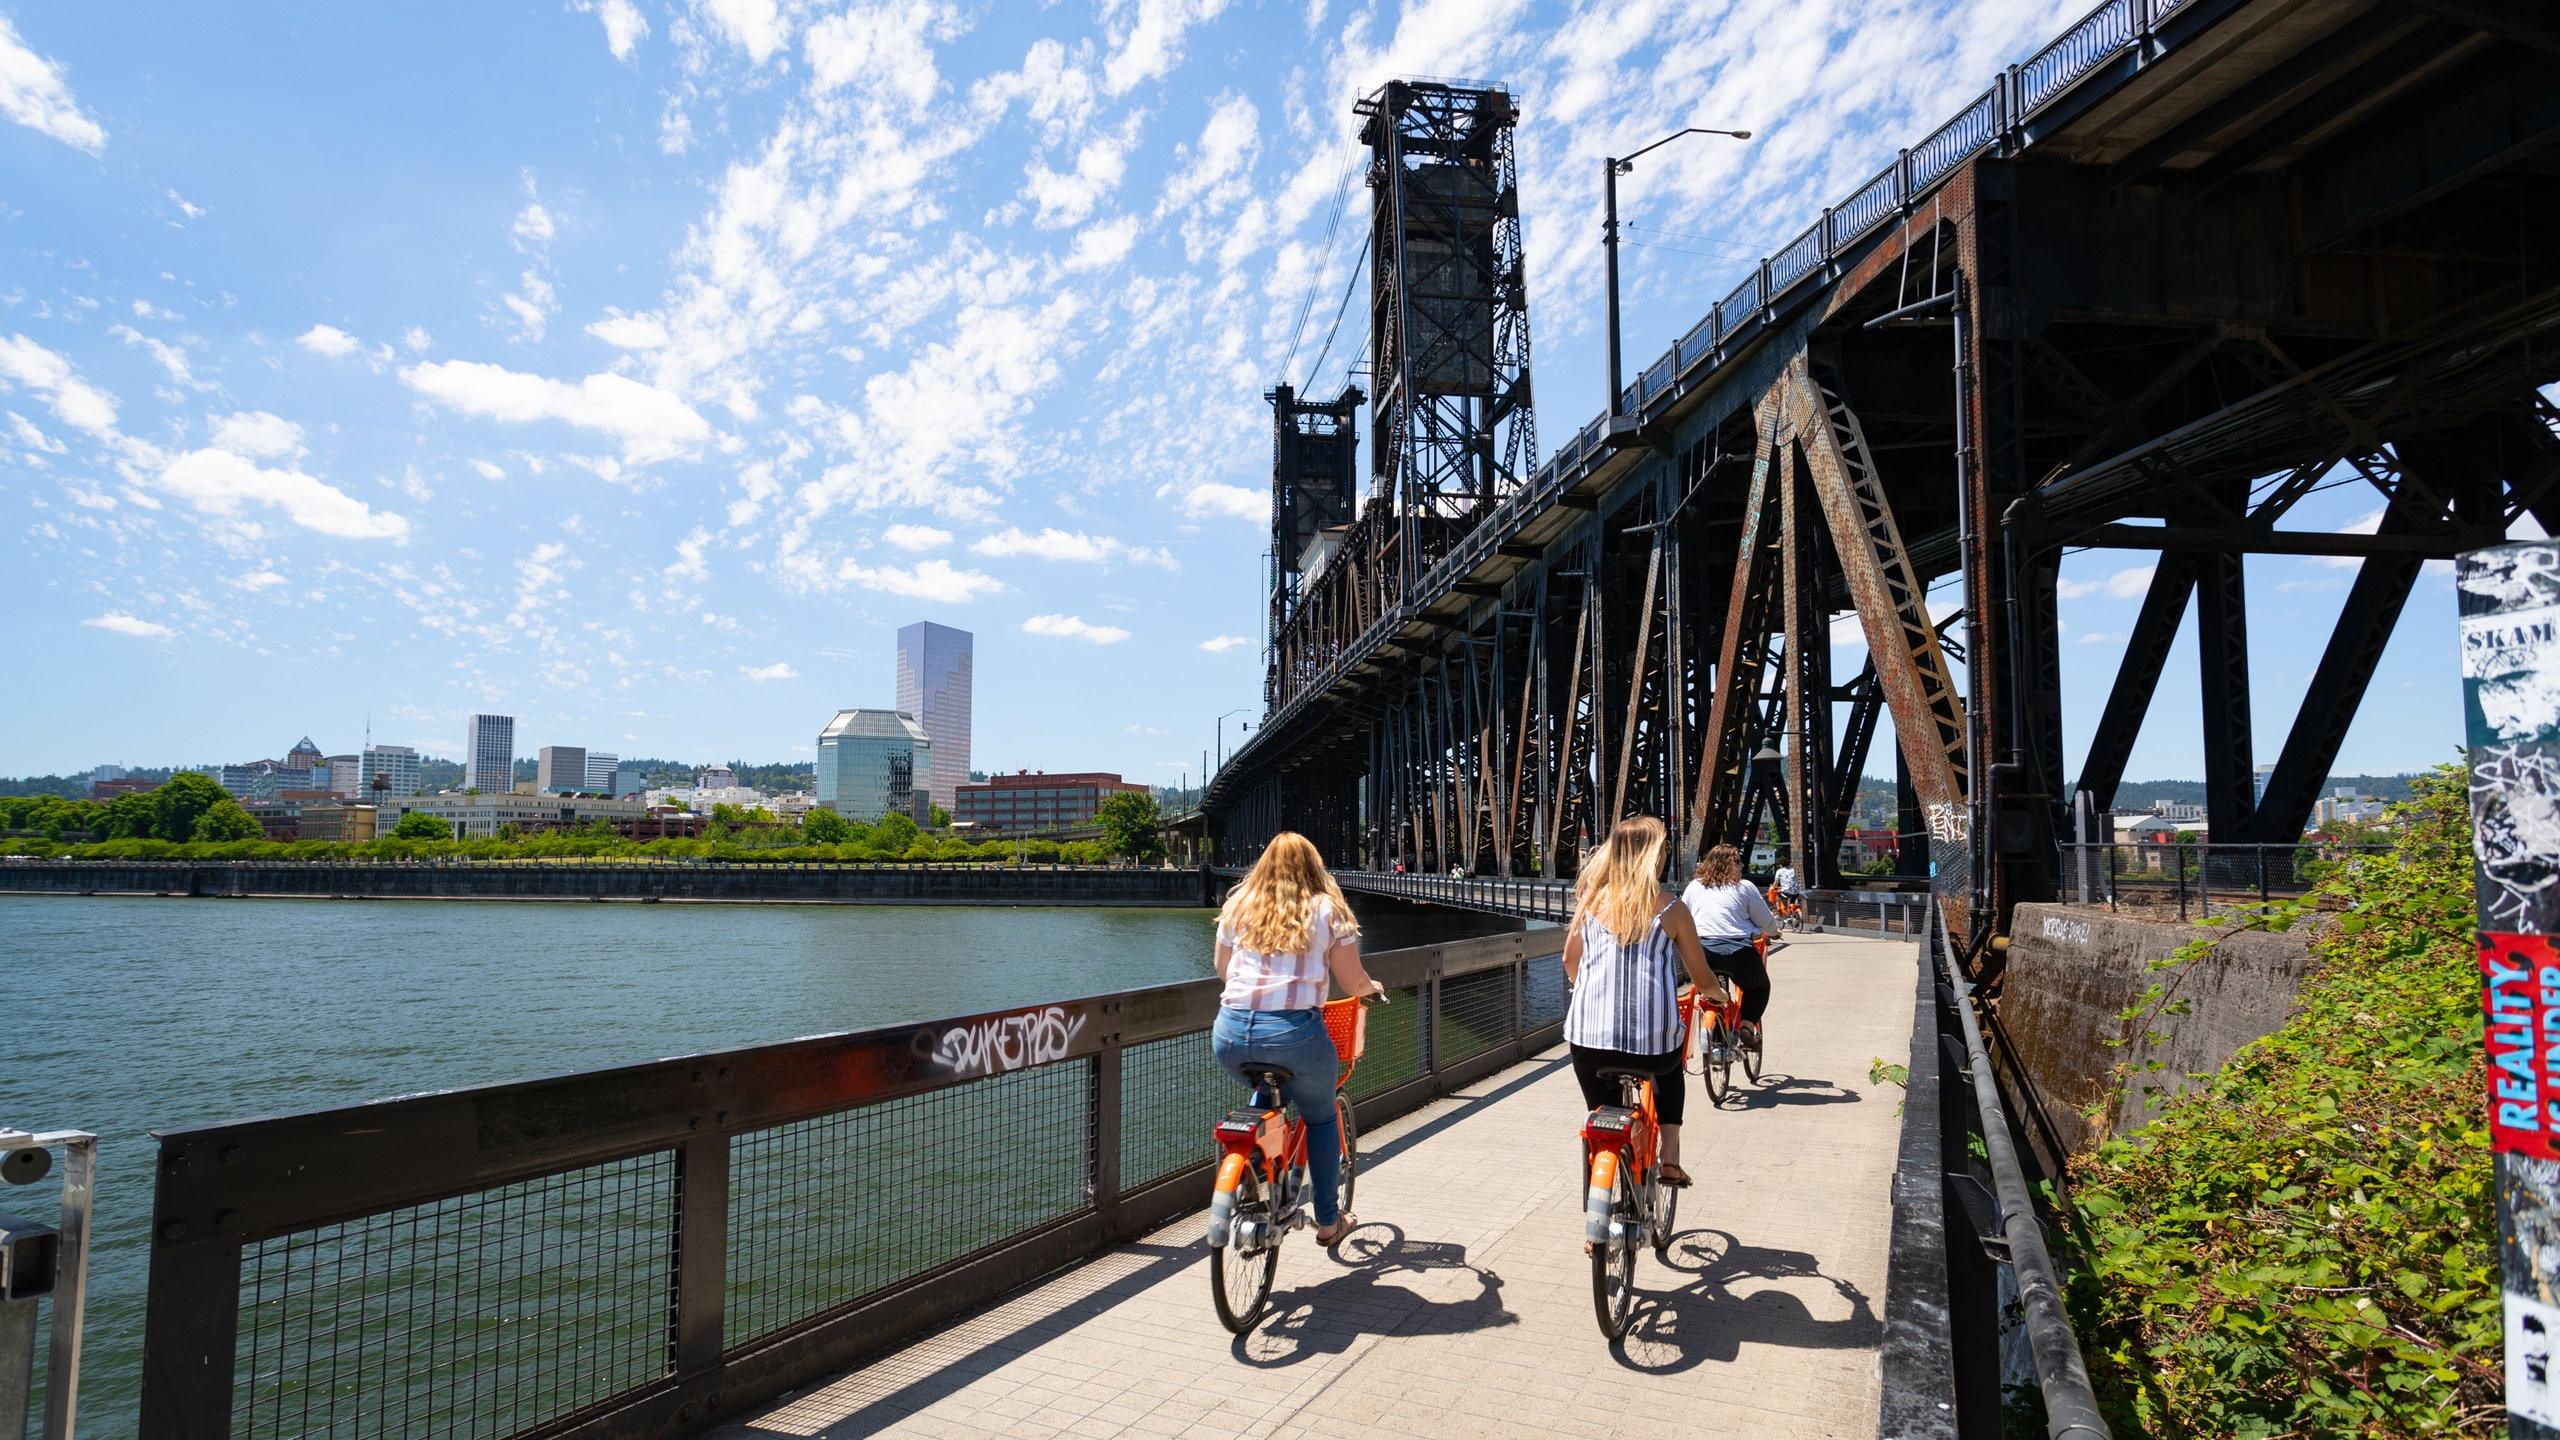 Steel Bridge, Kerns, Oregon, United States of America